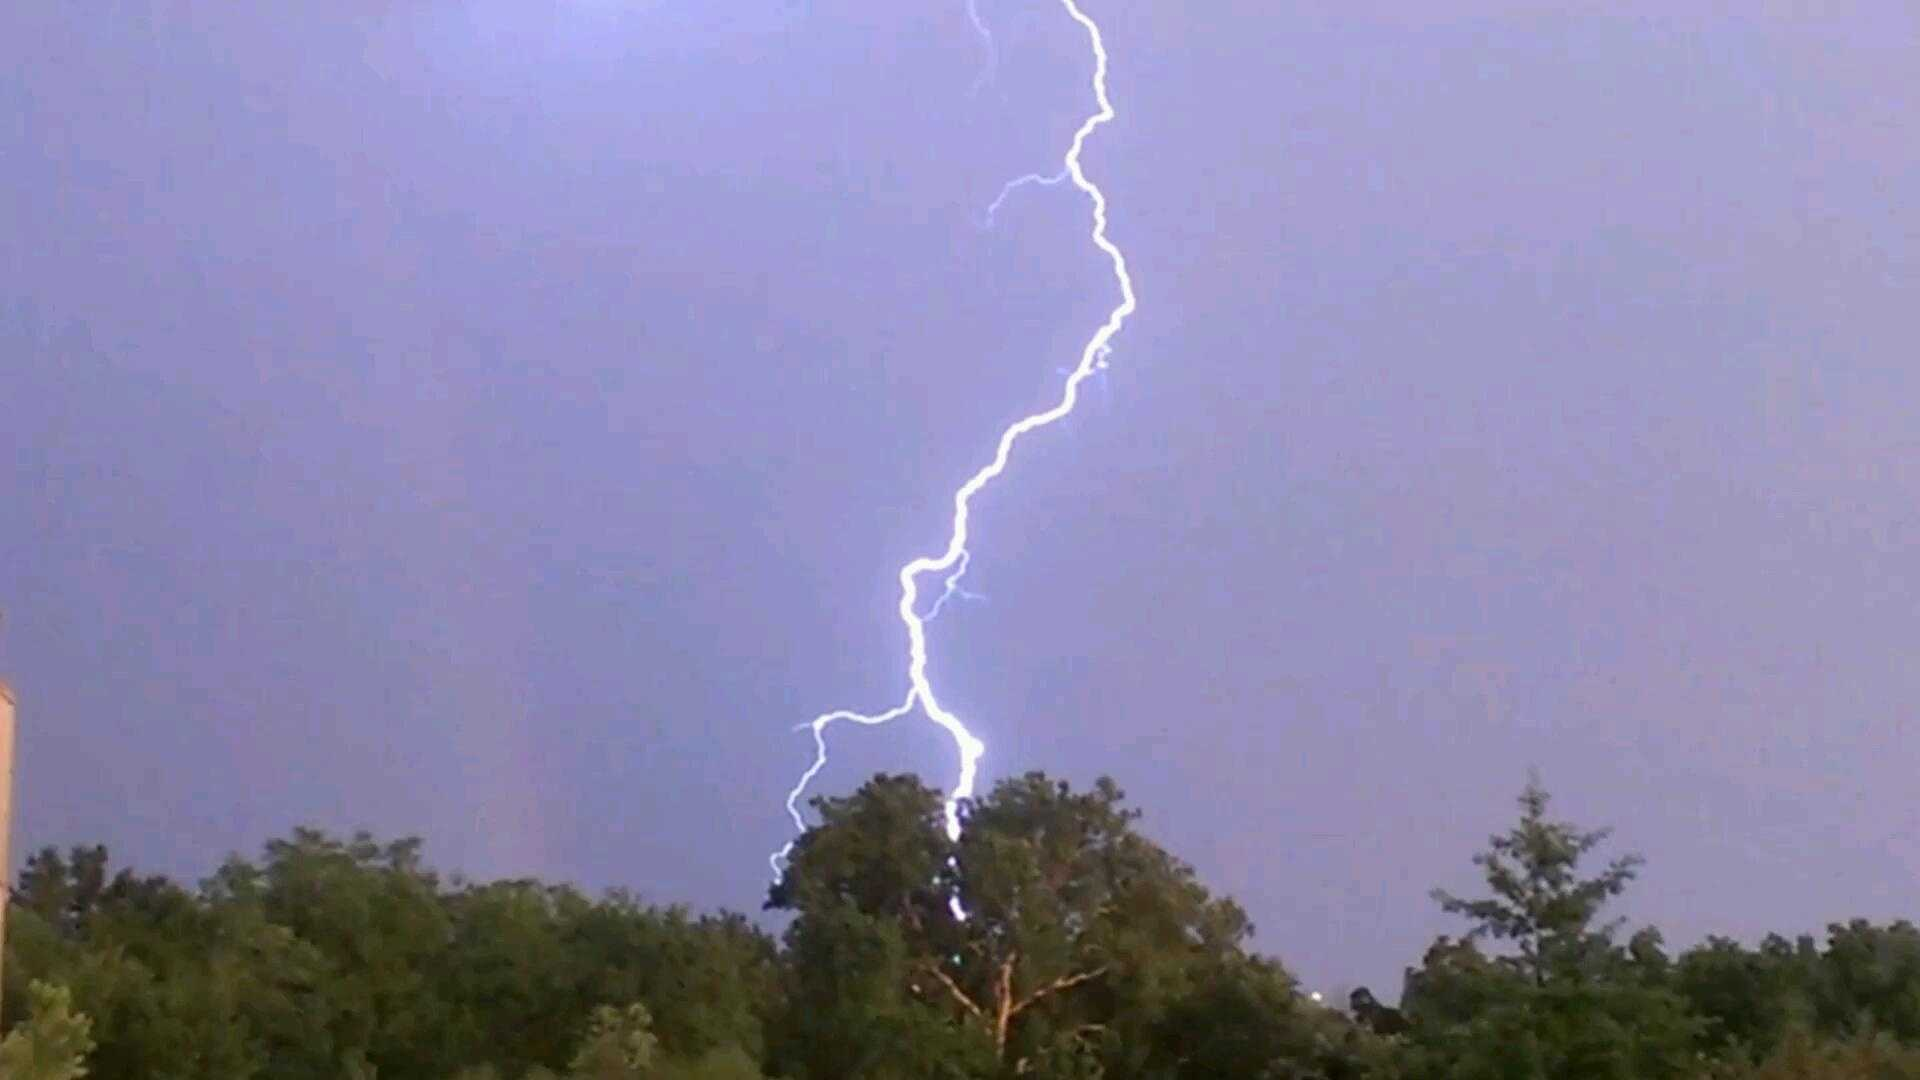 Lightning image from amandarosa2